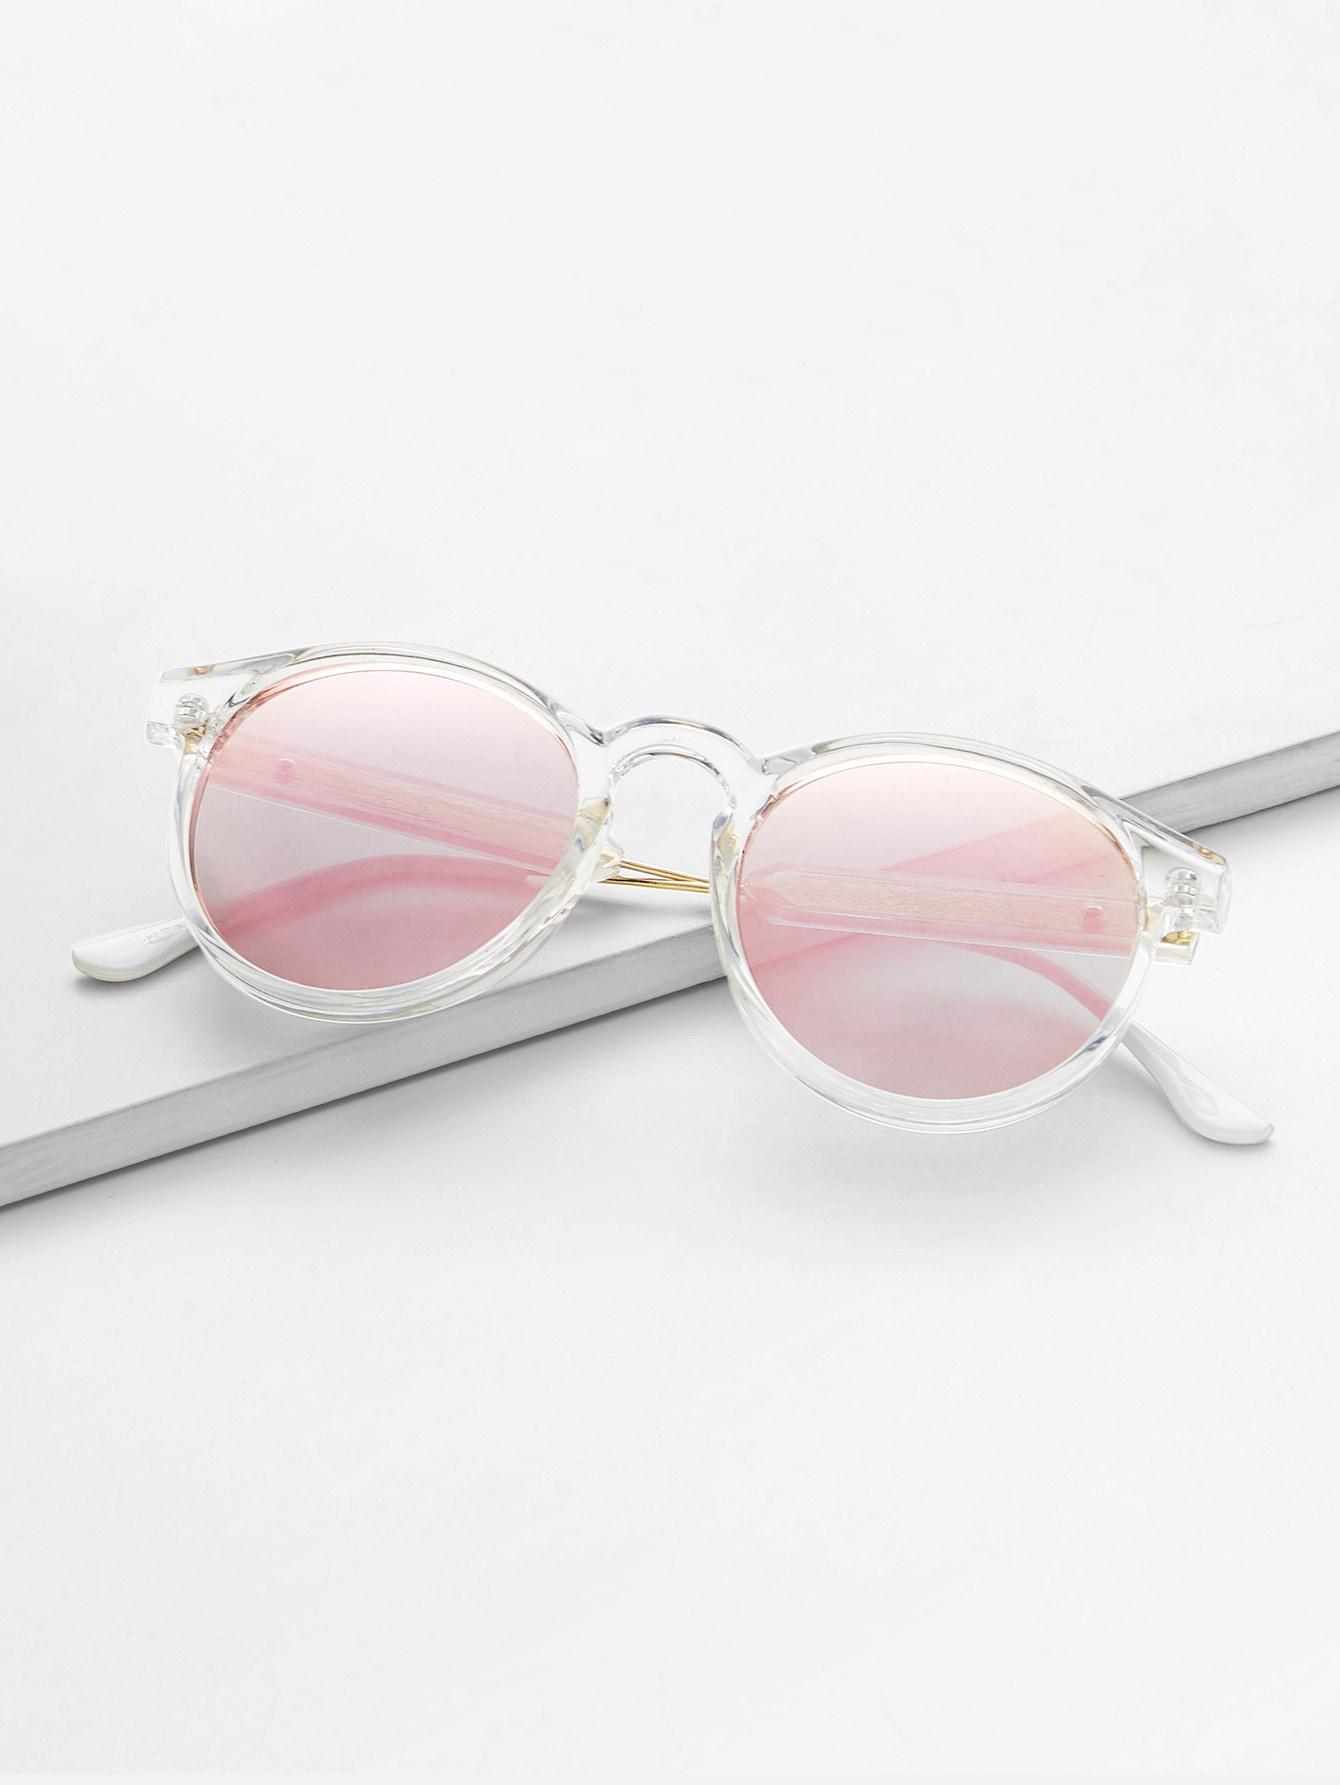 Sonnenbrille mit transparentem Rahmen und Spiegel Linse- German romwe